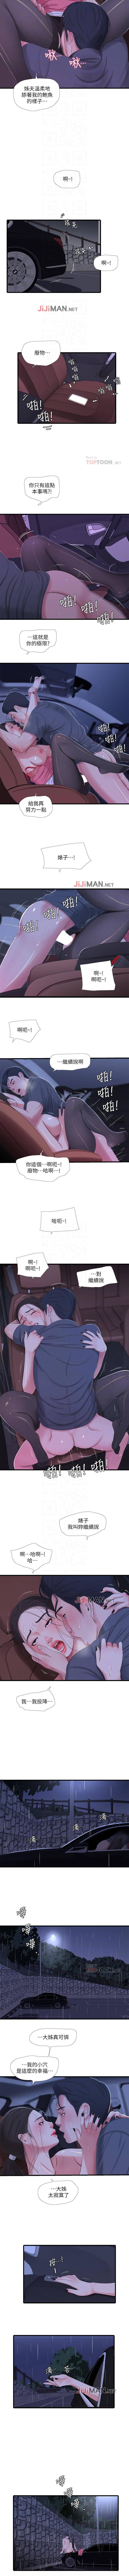 【周四连载】亲家四姐妹(作者:愛摸) 第1~31话 140